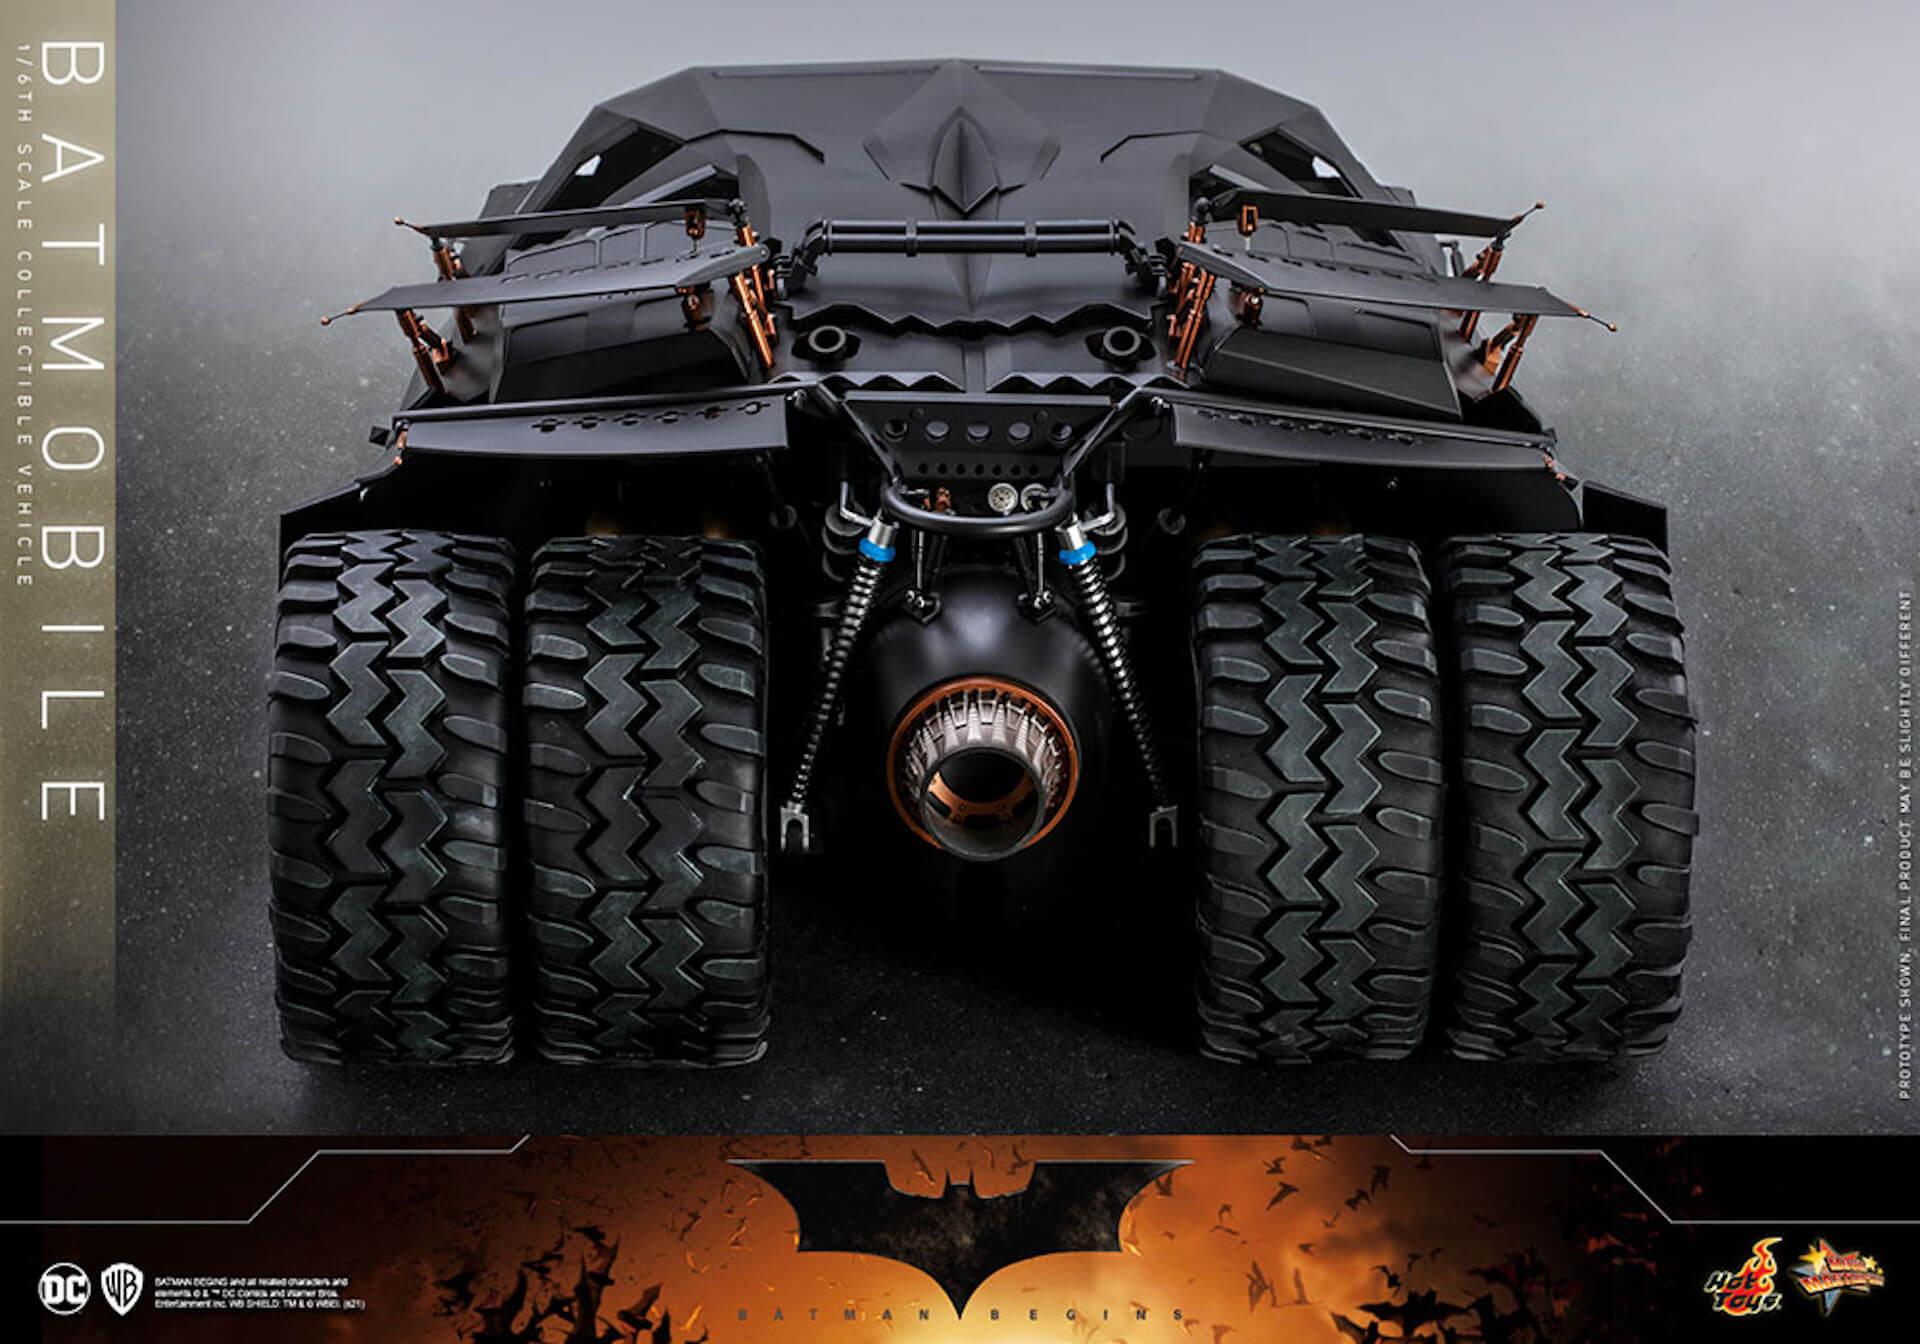 『バットマン ビギンズ』のバットマン&バットモービルが超精巧なフィギュアに!ホットトイズから発売決定 art210401_hottoys_batmanbegins_2